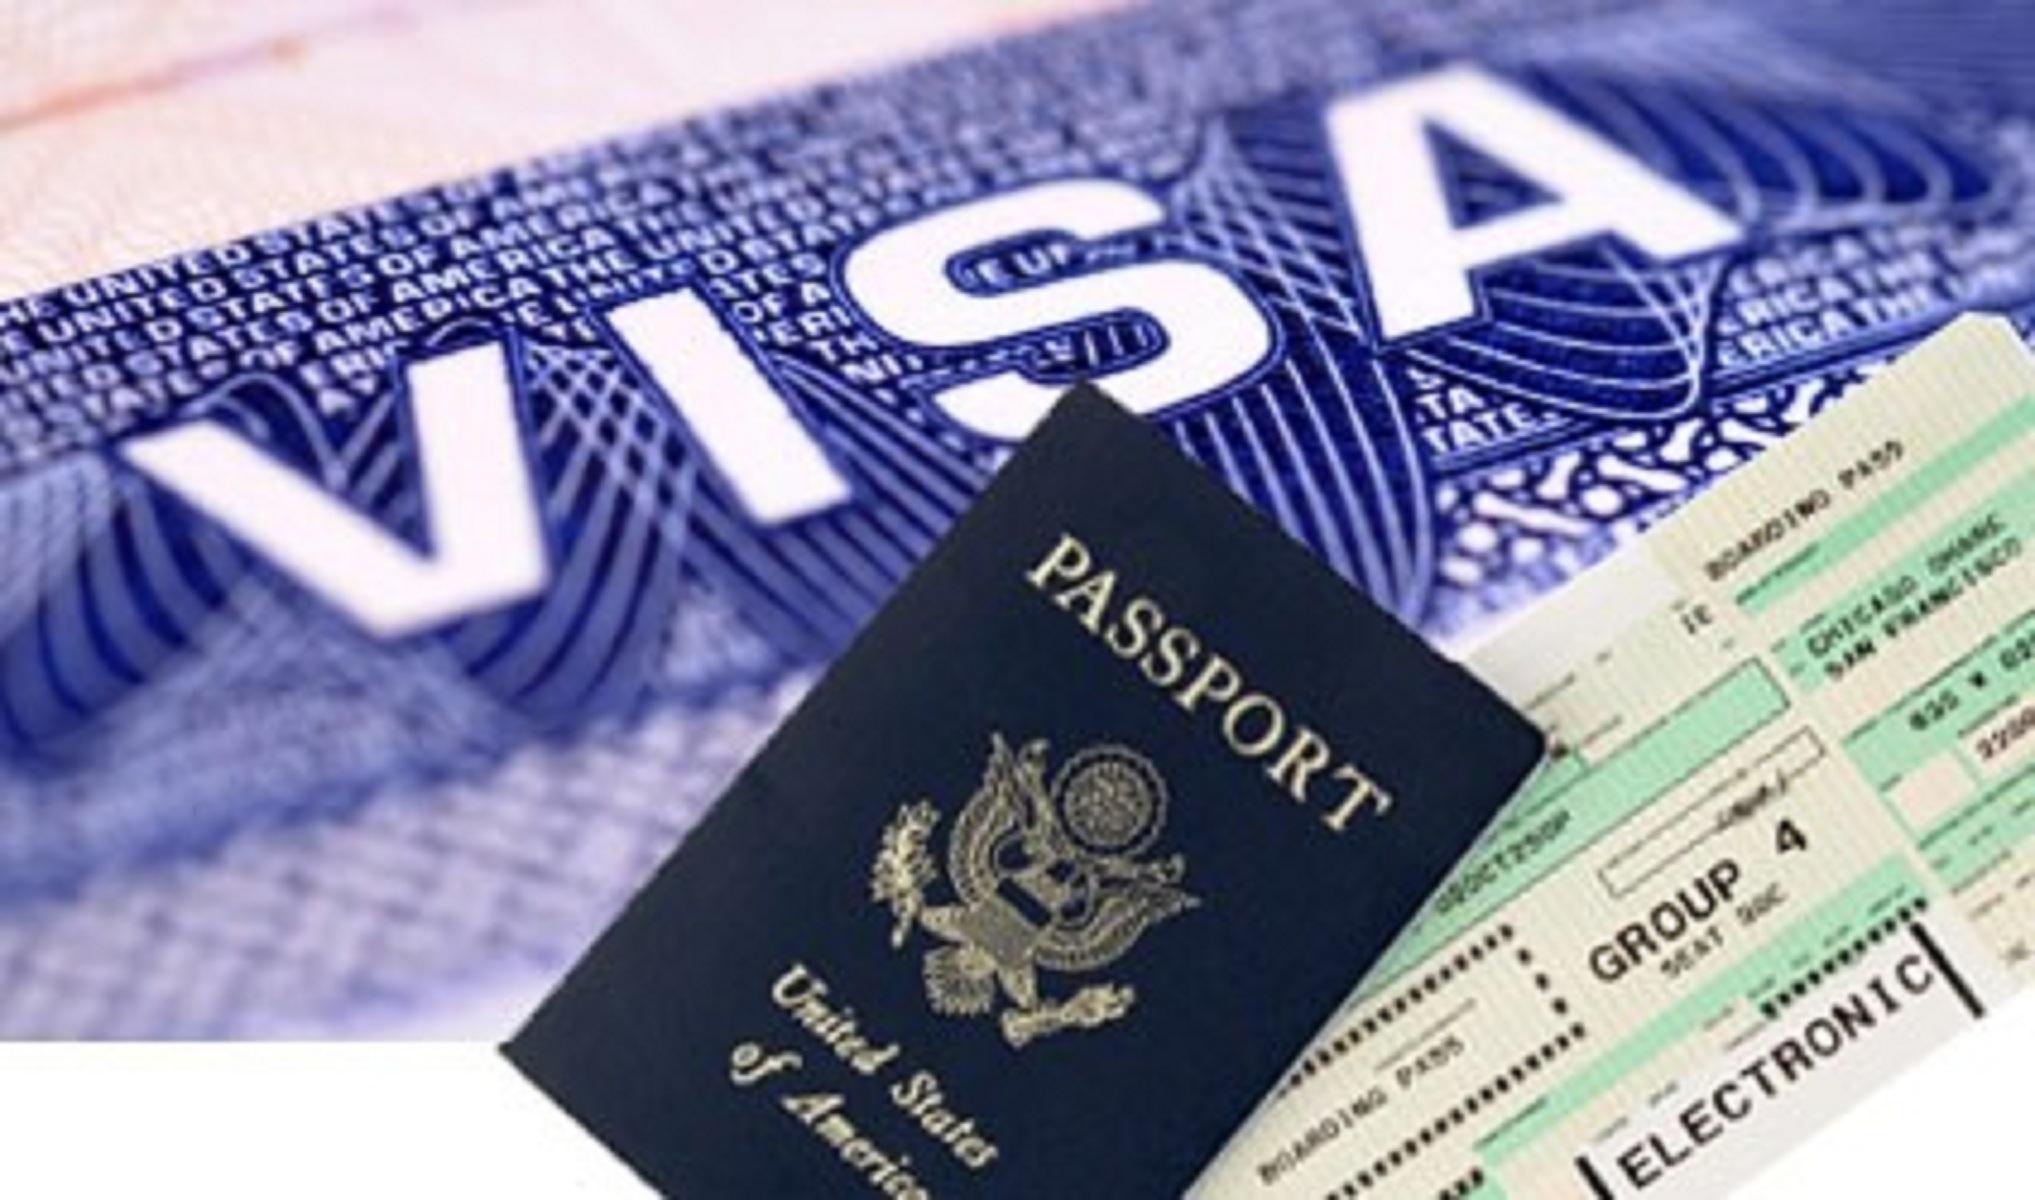 Chuẩn bị đầy đủ hồ sơ khi làm thủ tục xin visa du học Mỹ